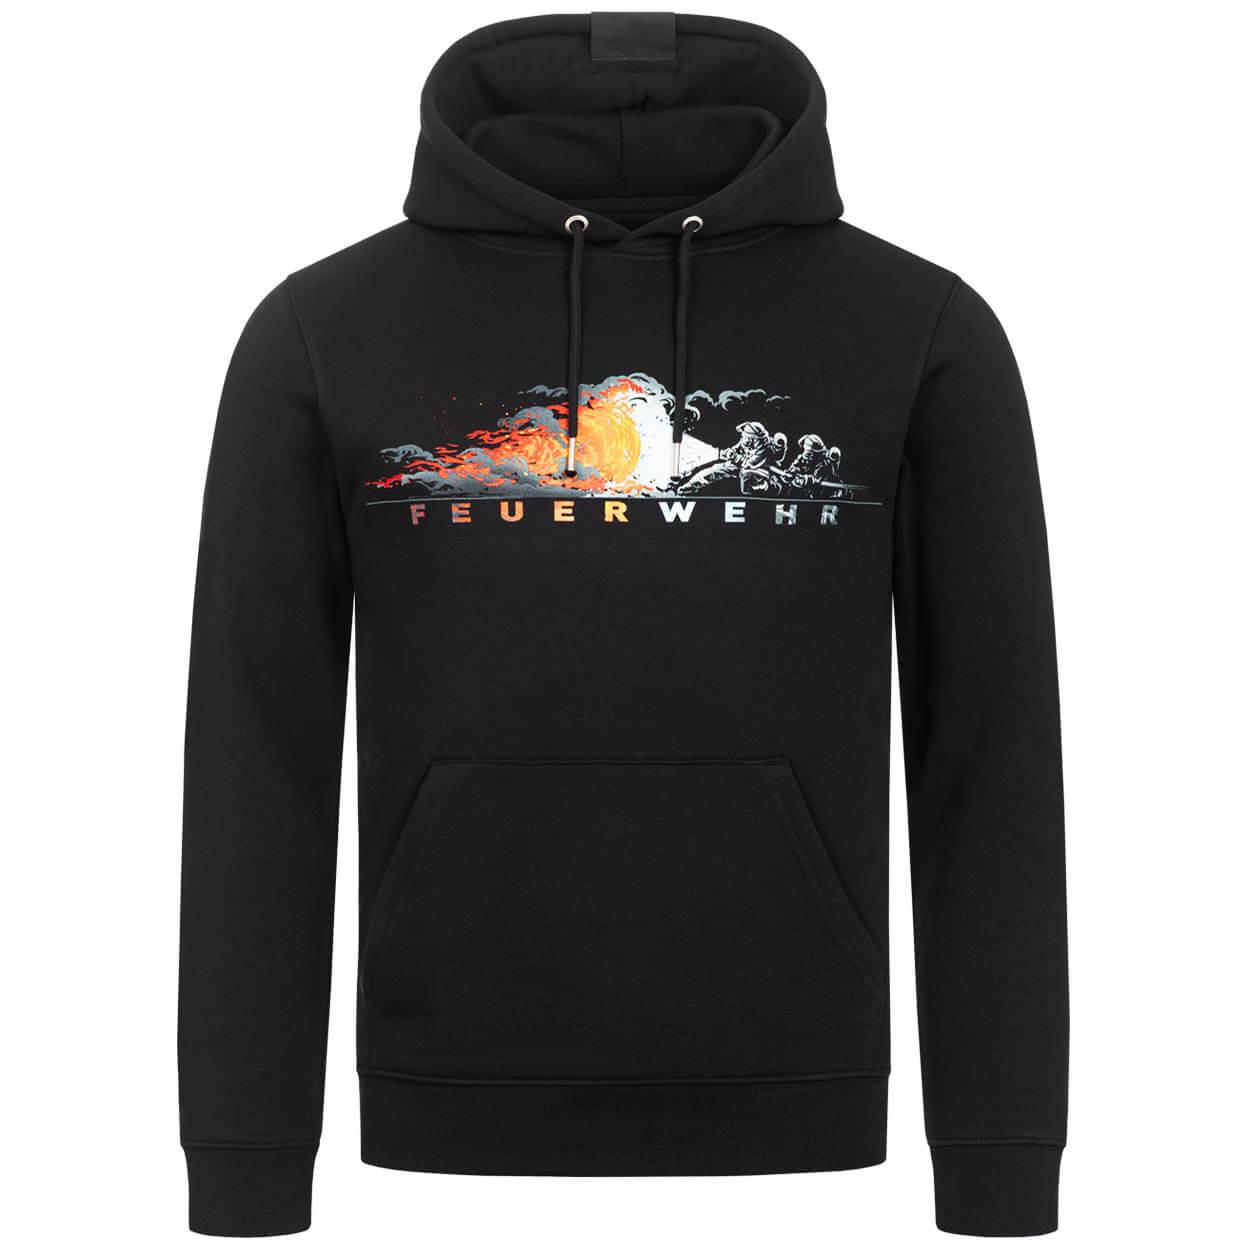 Angriffstrupp Feuerwehr - Kapuzensweater Unisex